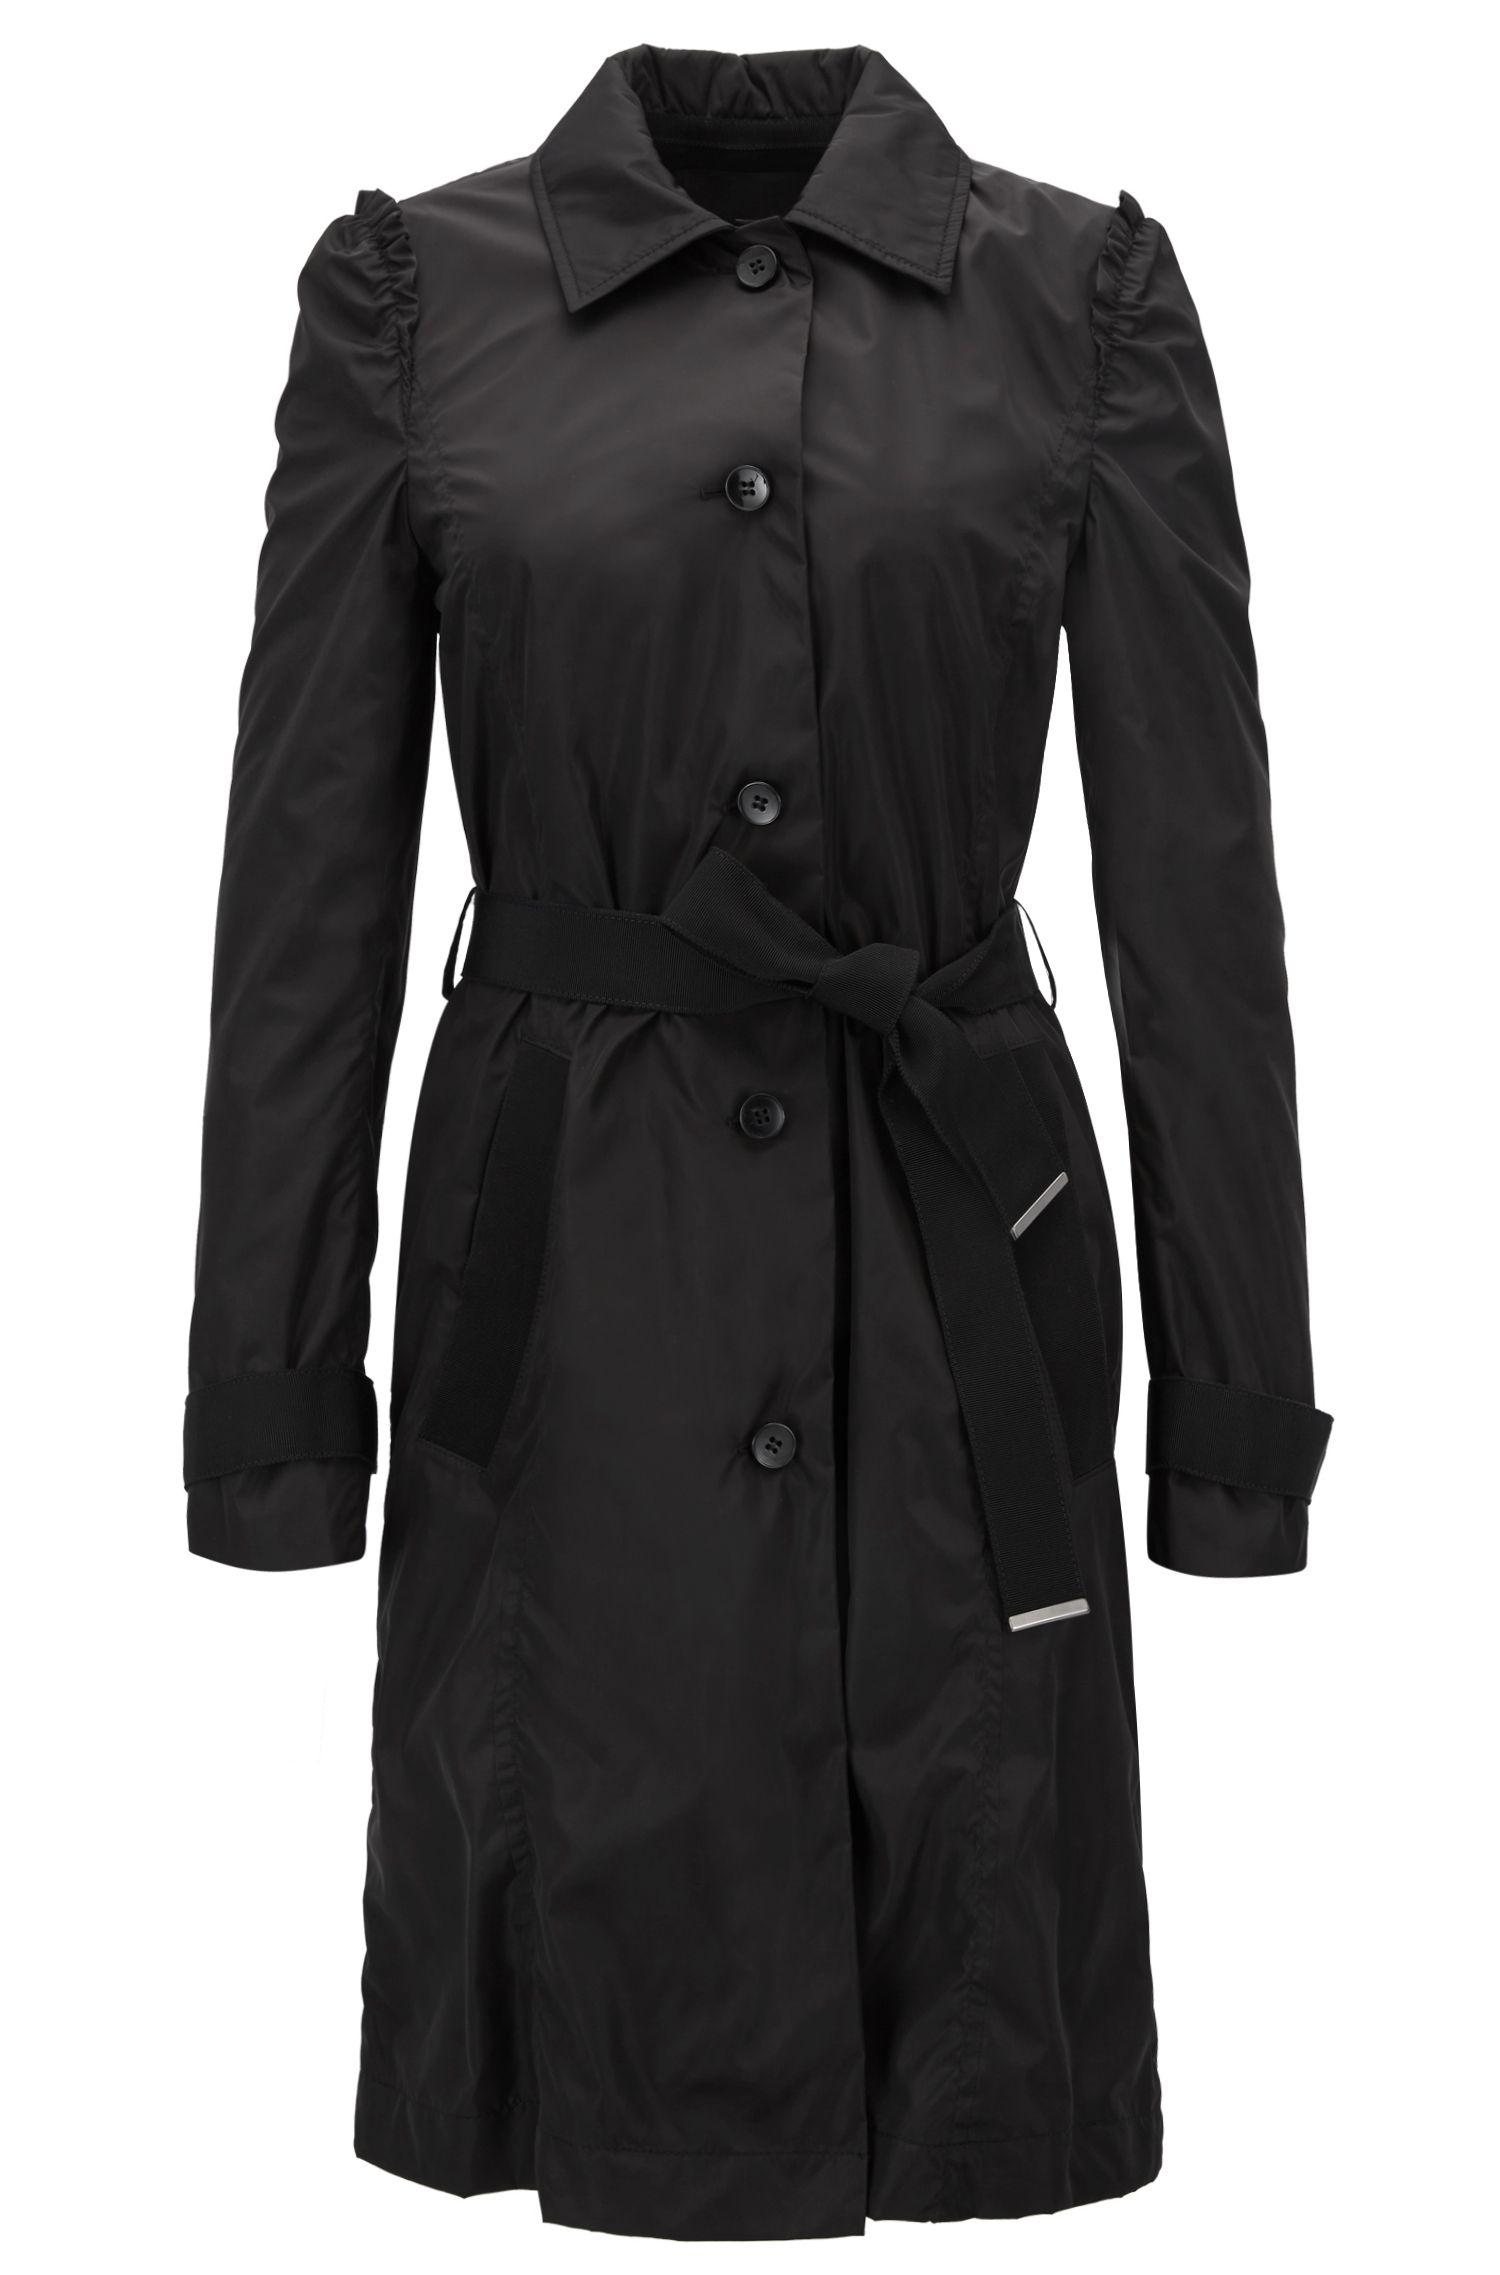 Trench-coat en tissu technique imperméable